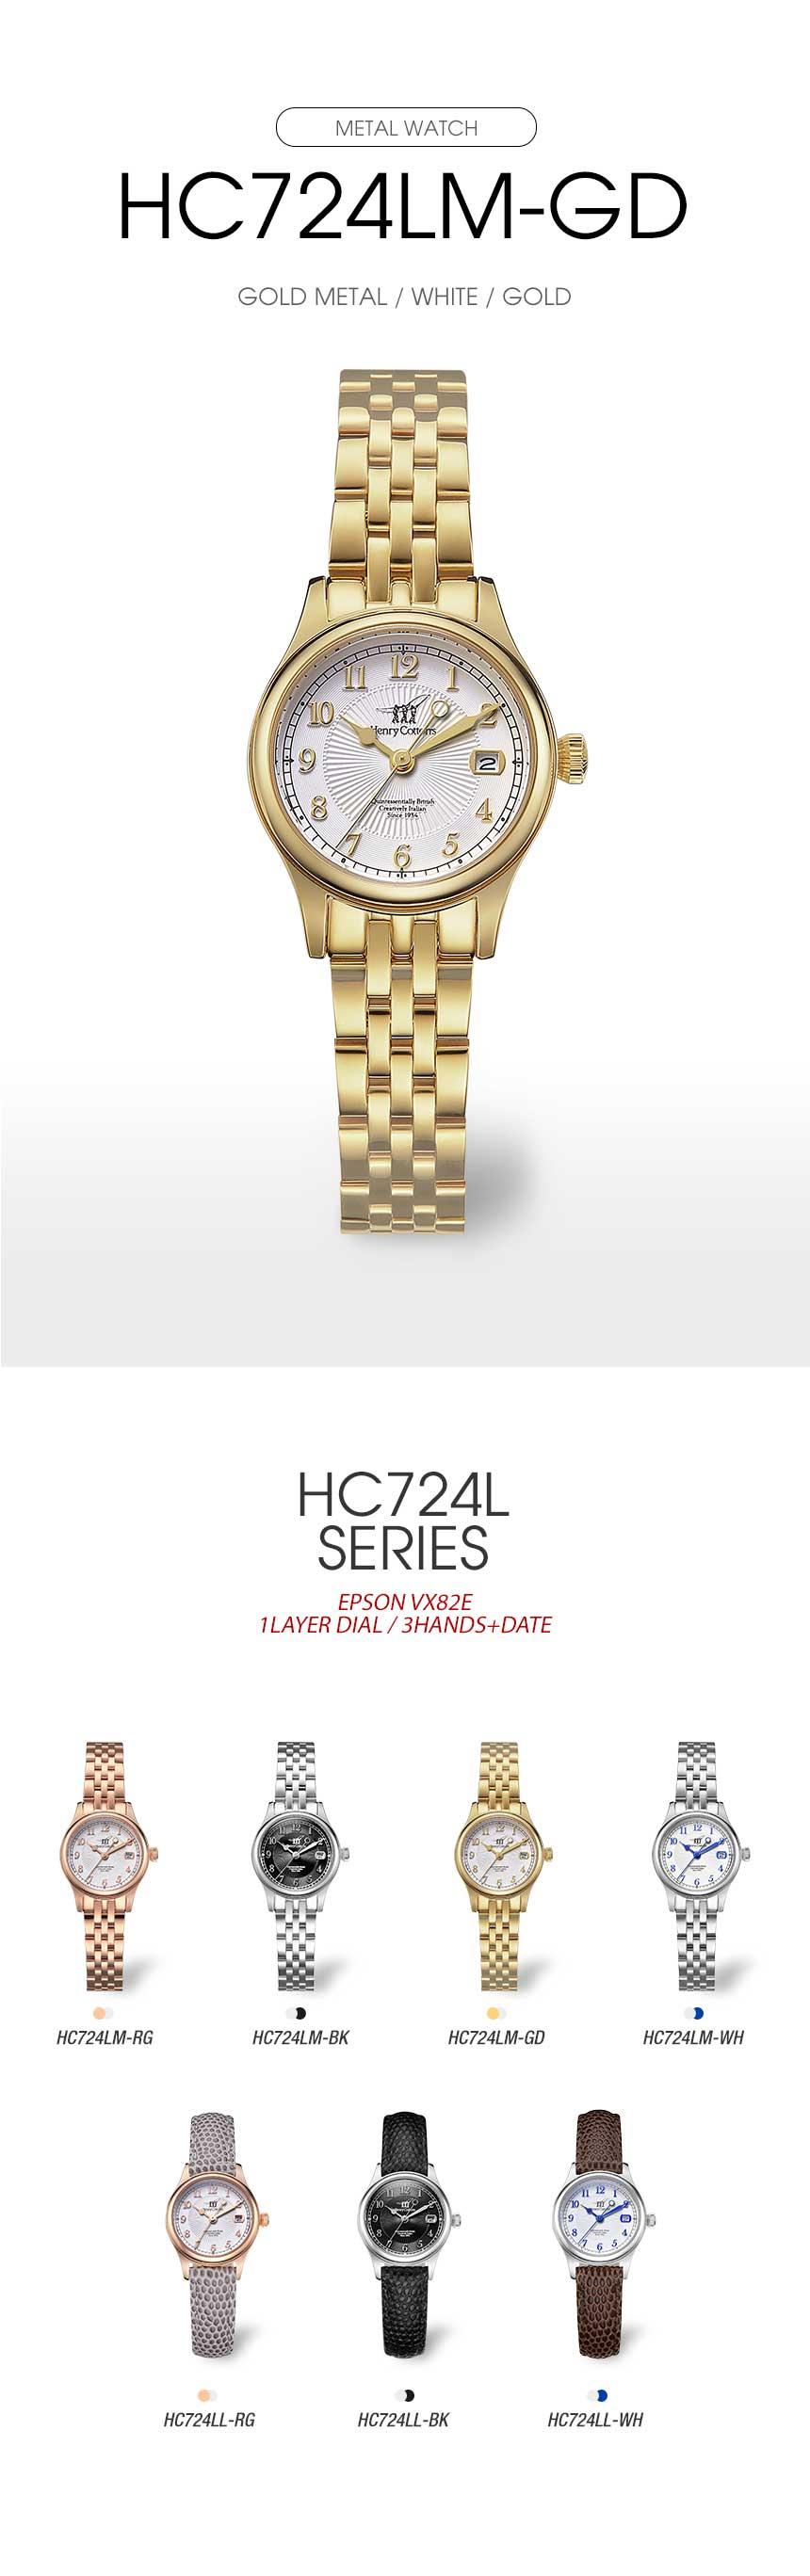 헨리코튼(HENRY COTTON'S) 여자 데이트 메탈시계 HC724LM-GD